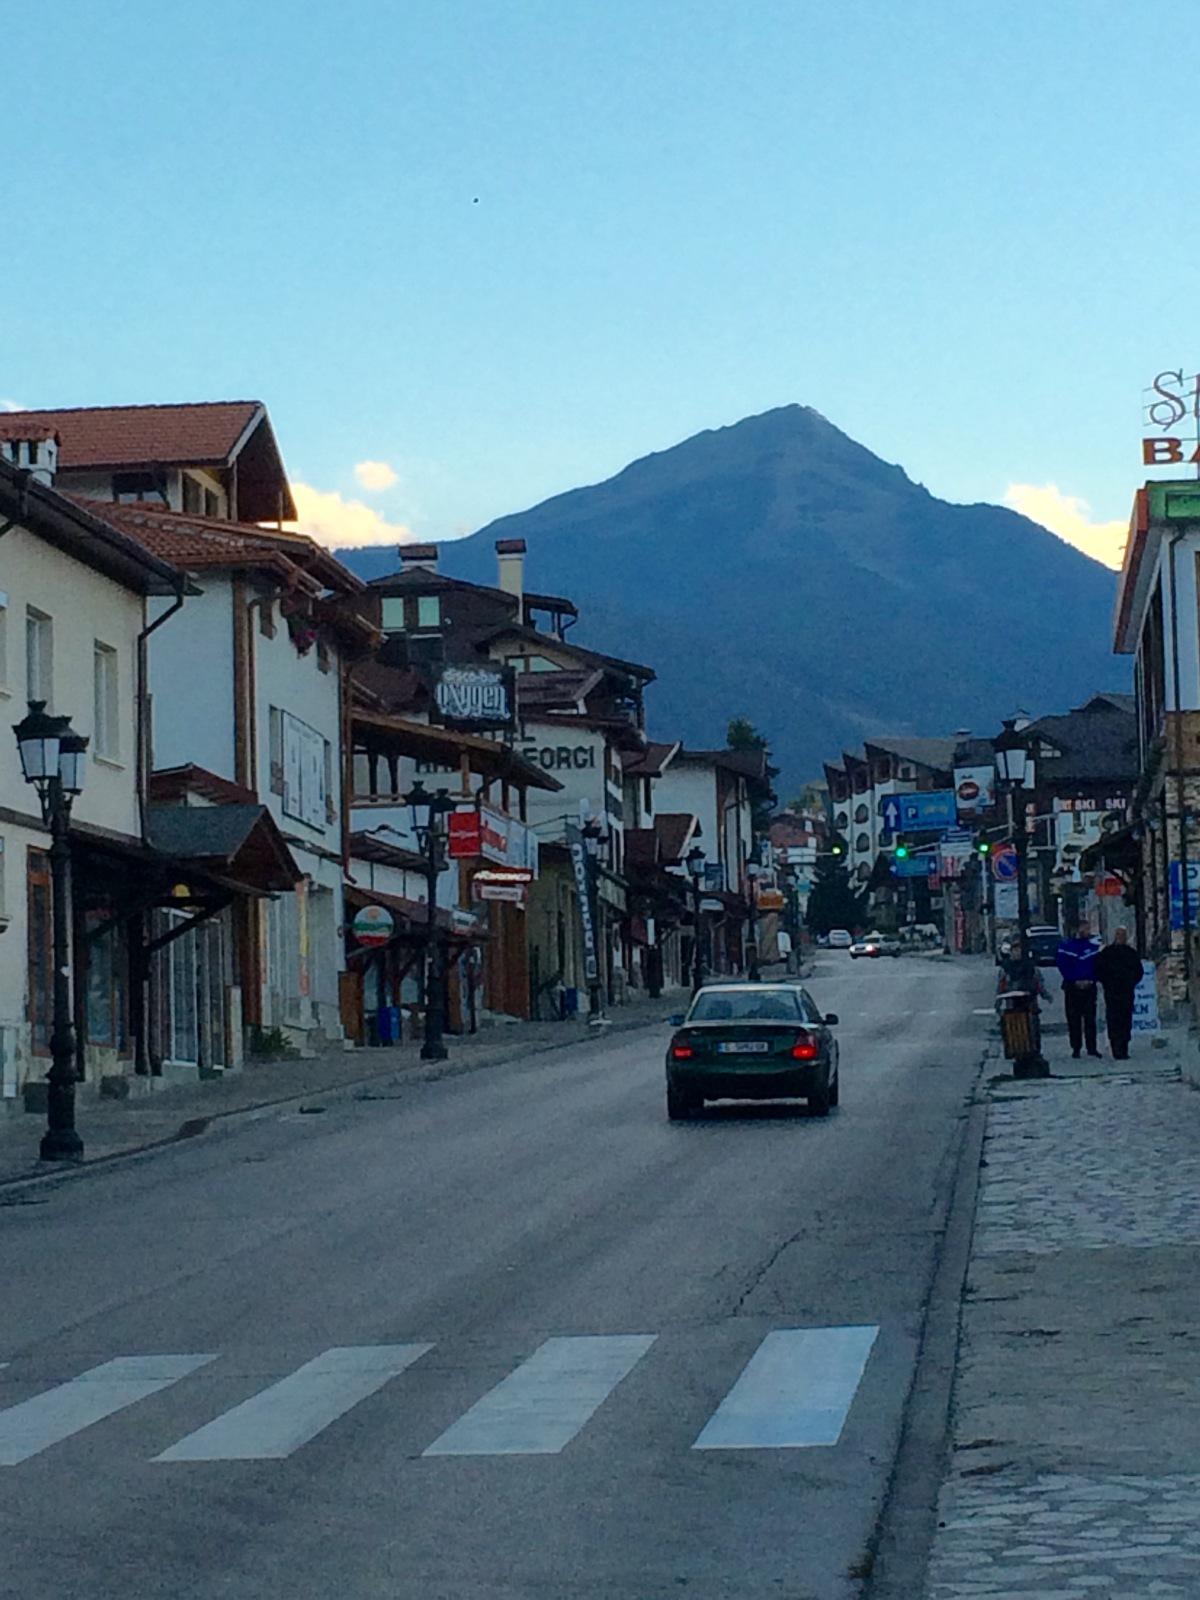 Balkans 2016 – Day 17 : Gotse Delchev to Bansko,Bulgaria